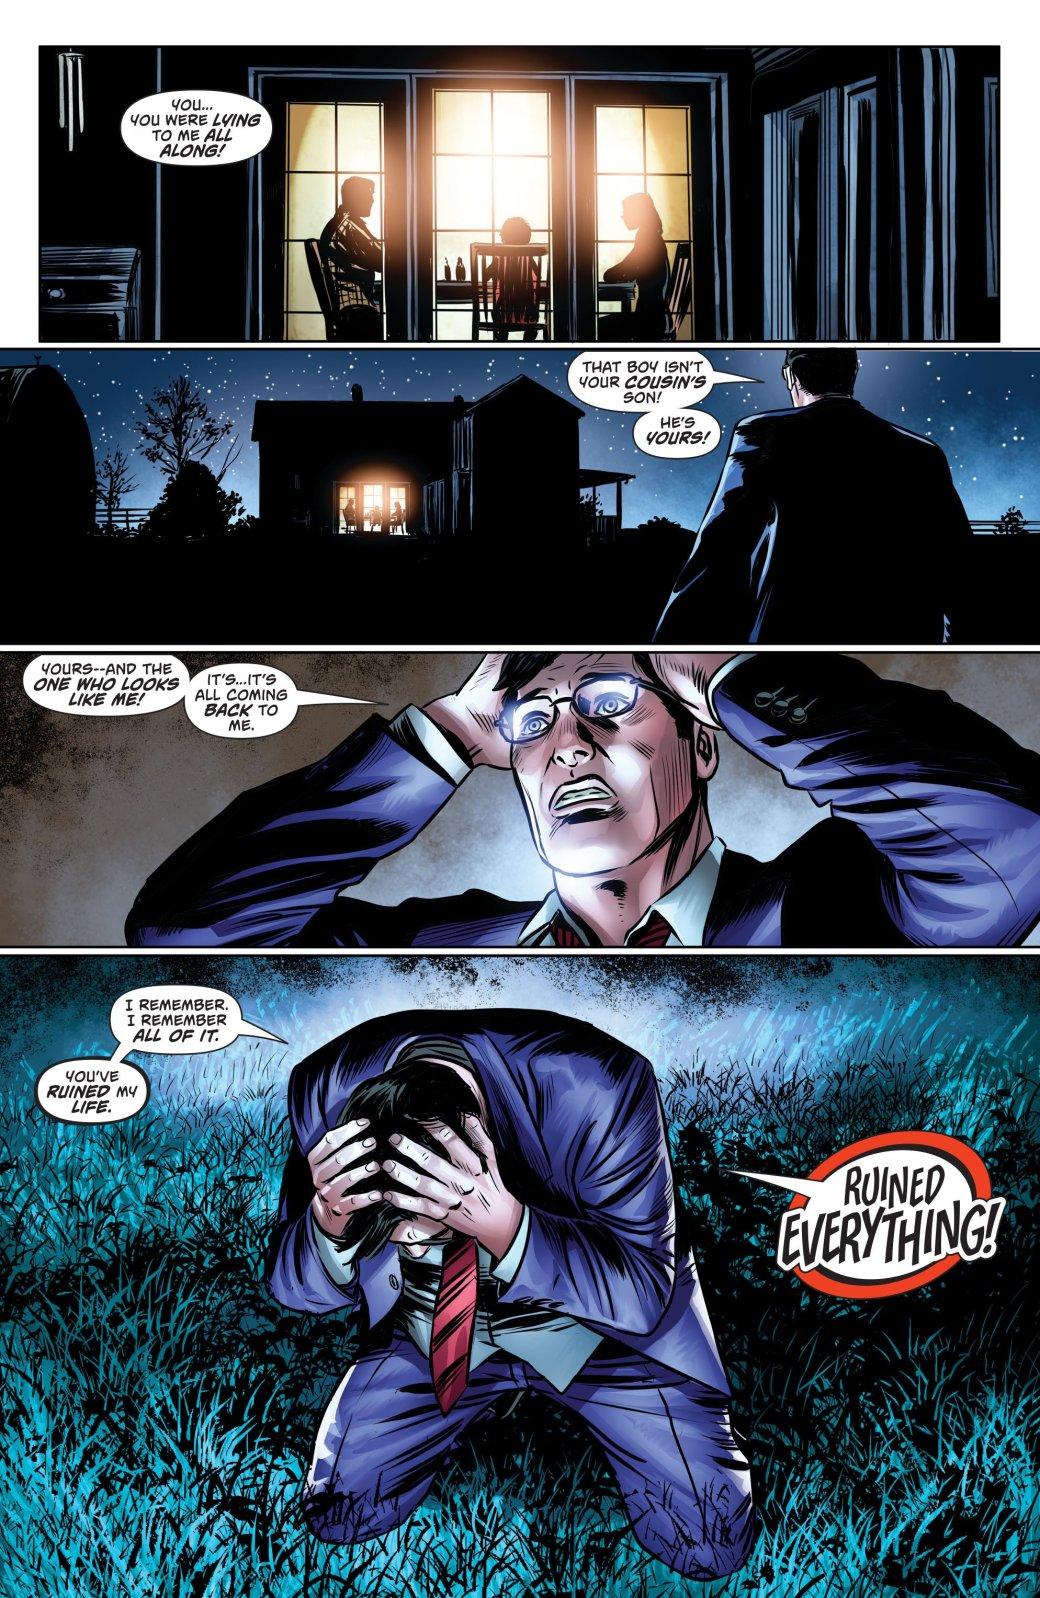 Удалось ли Лоис Лейн узнать секрет Кларка Кента? | Канобу - Изображение 4